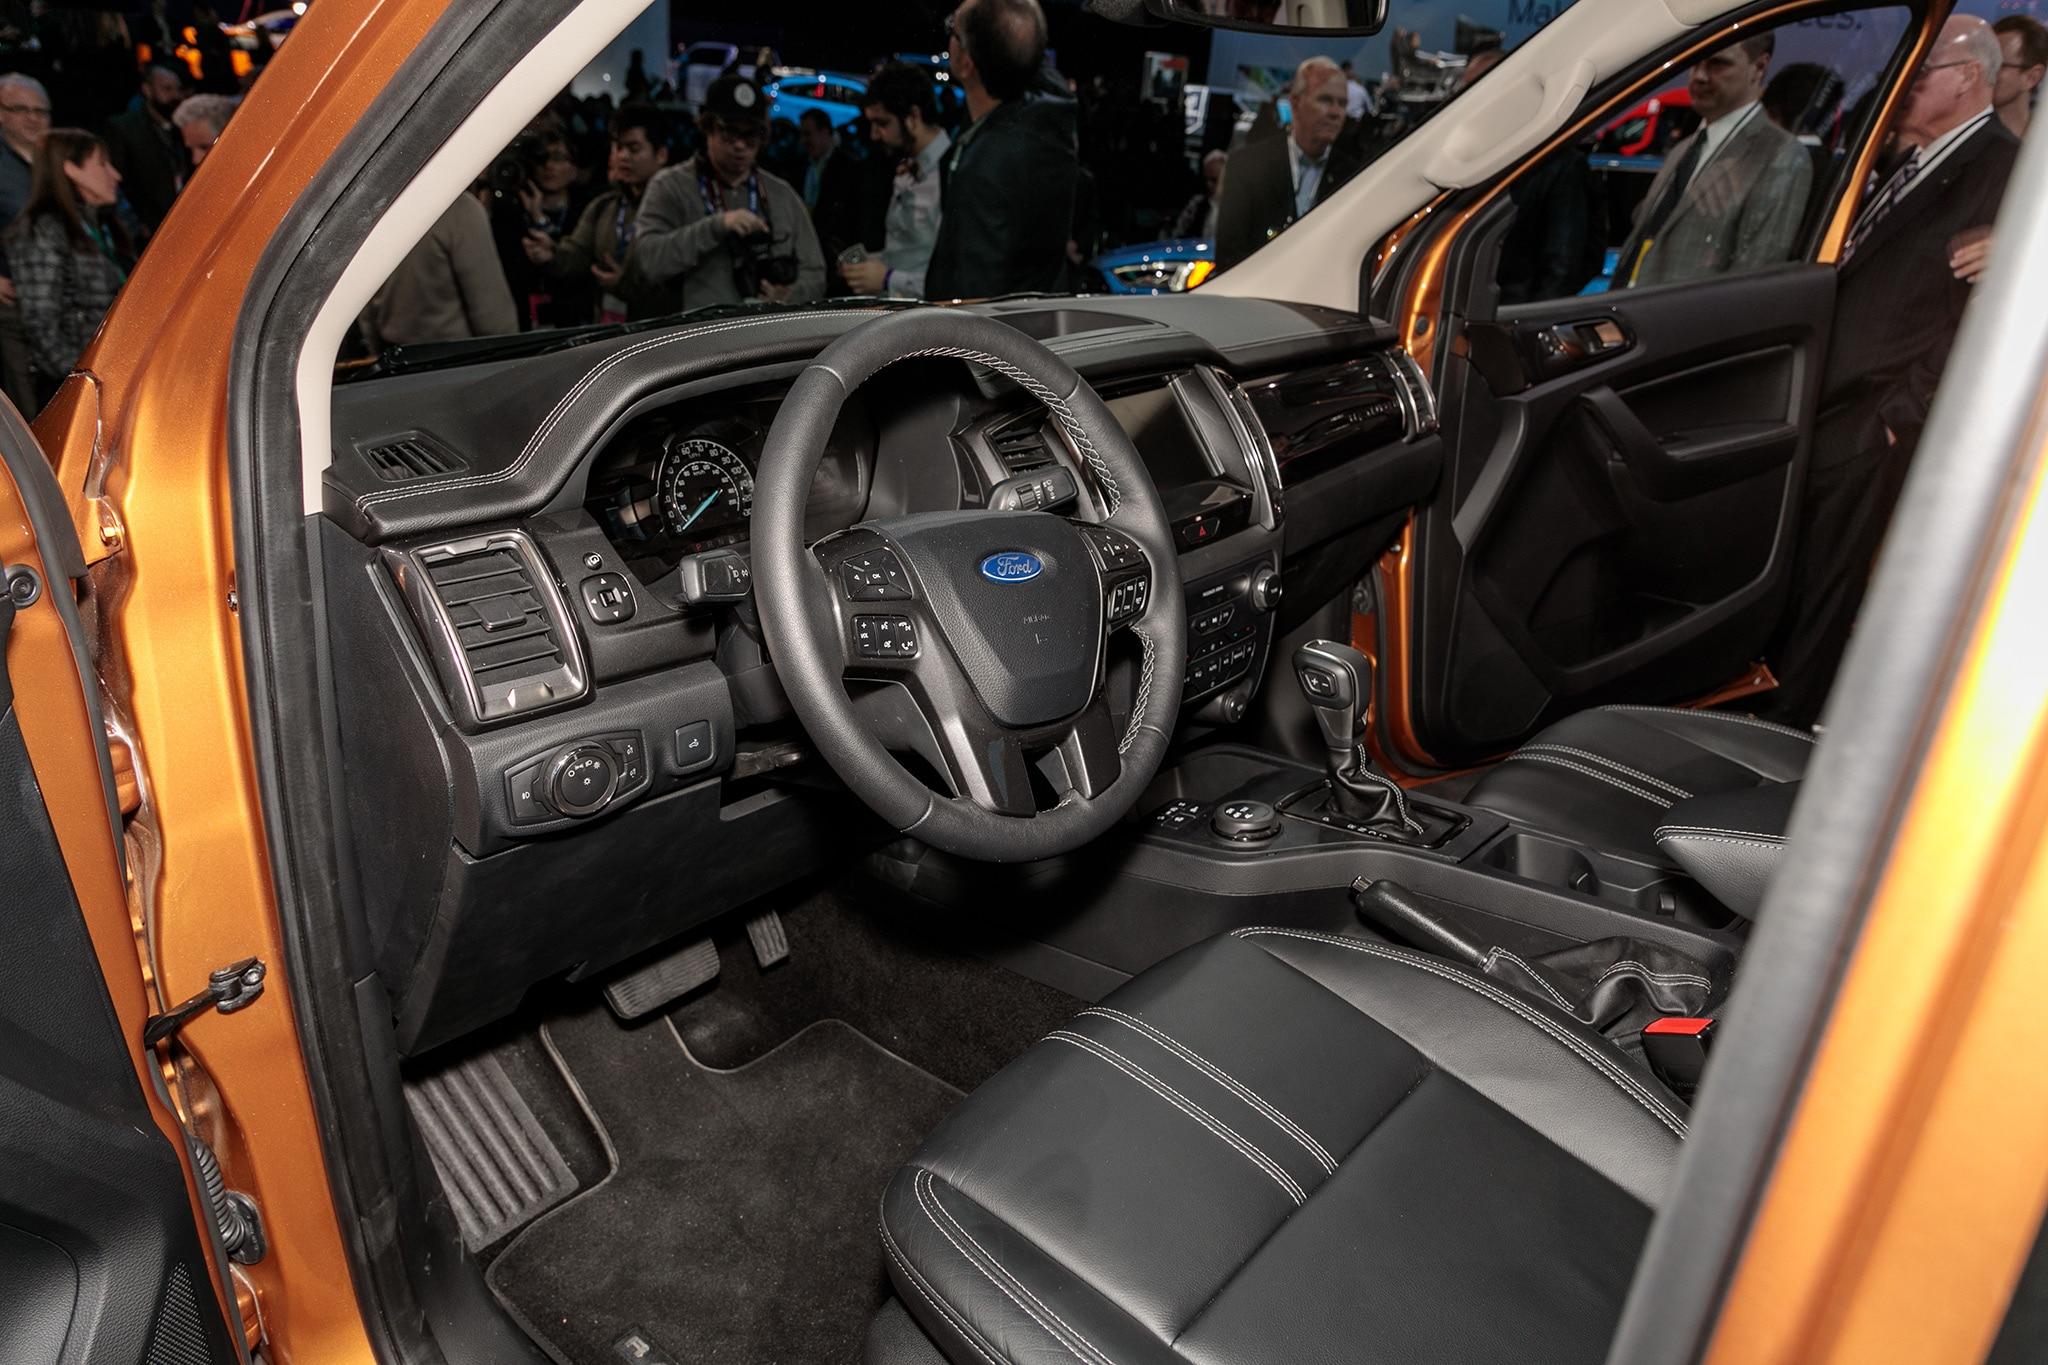 2019 Ford Ranger to Offer Blind Spot Monitoring for ...